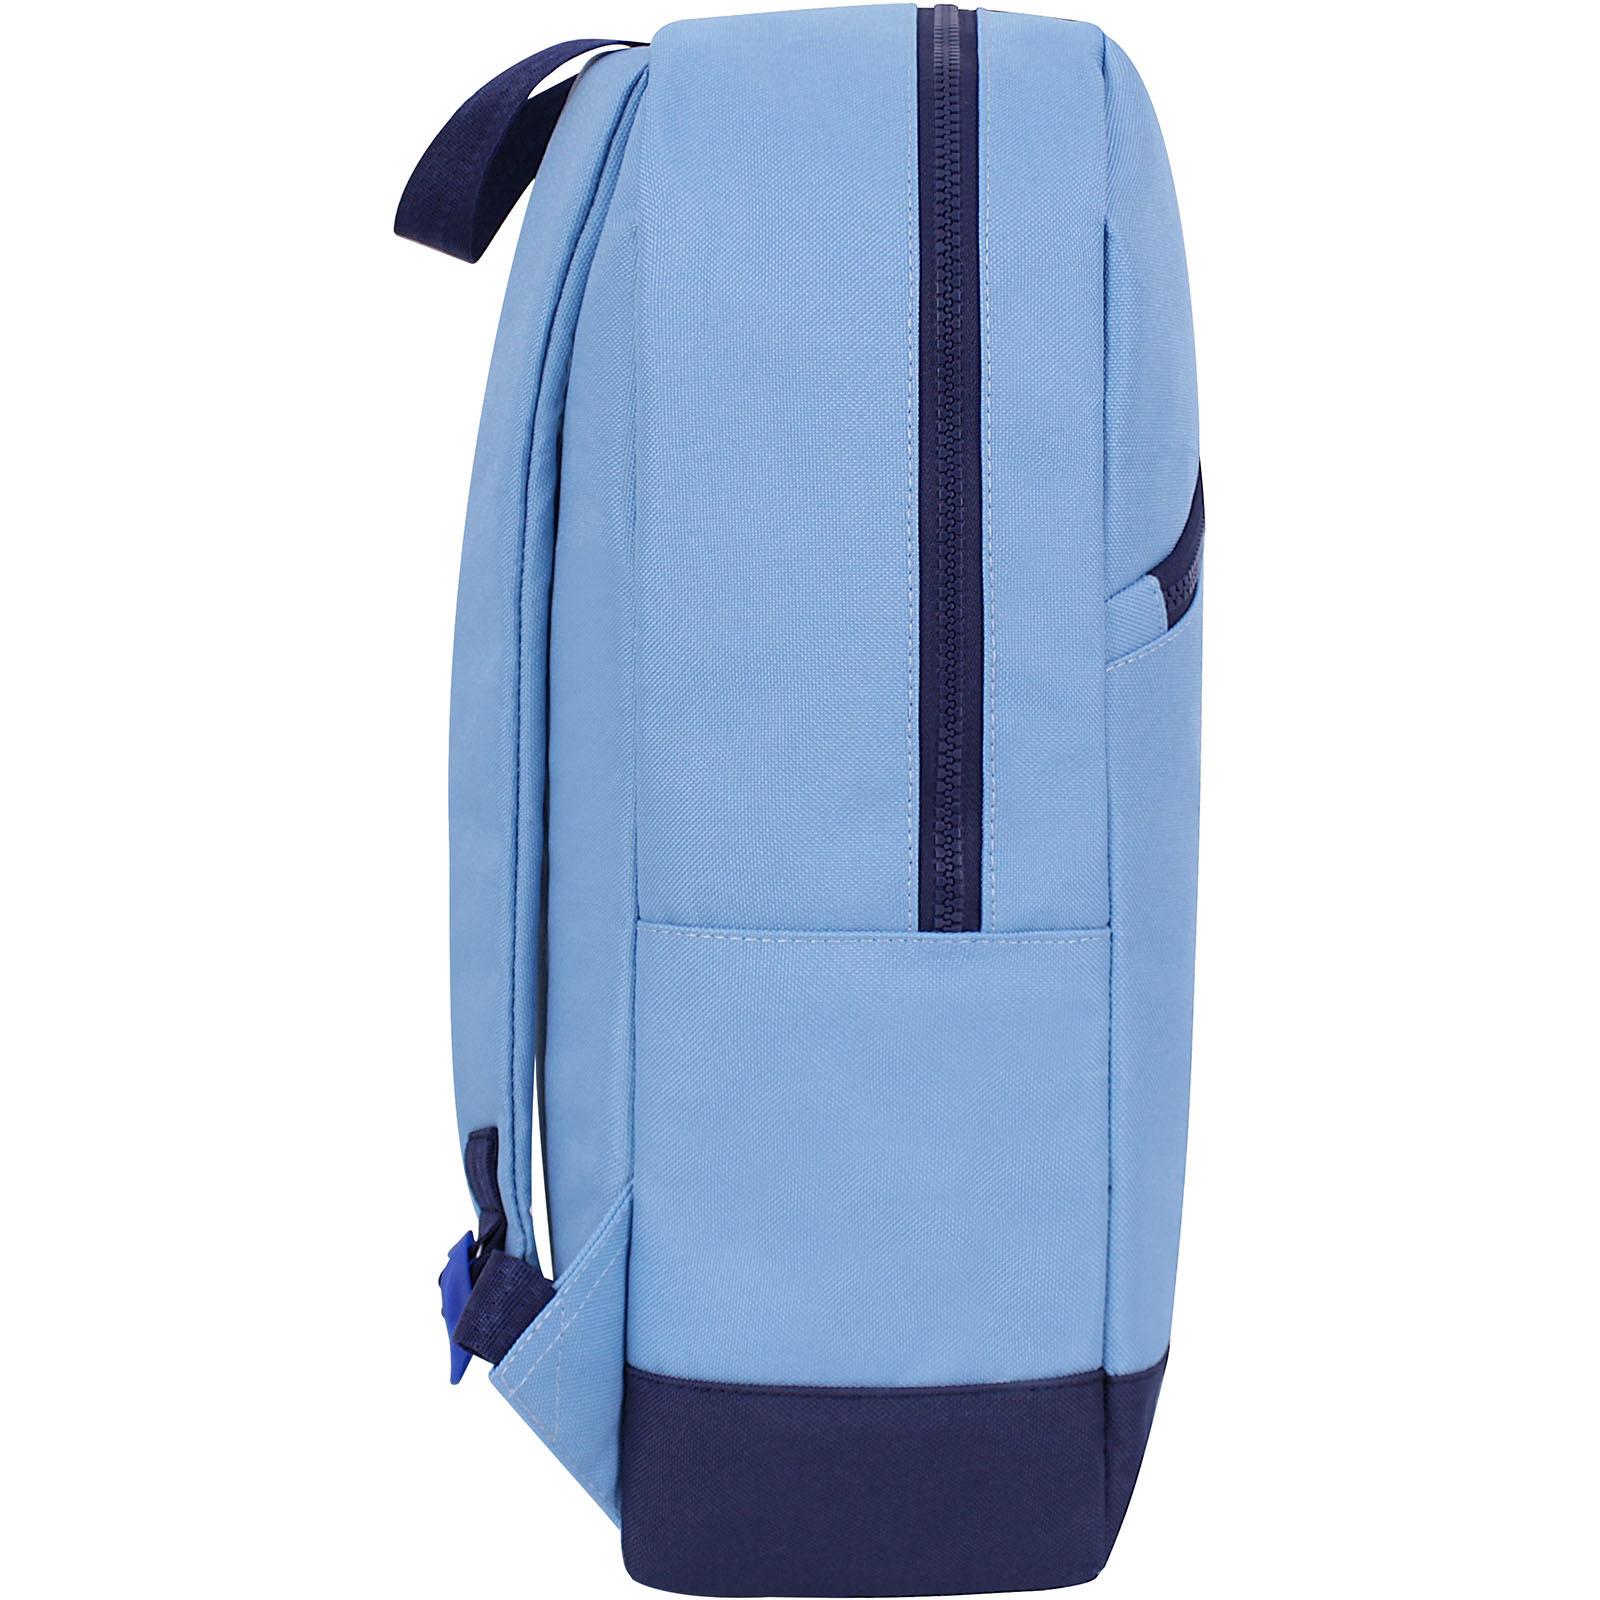 Рюкзак Bagland Amber 15 л. голубой (0010466) фото 2